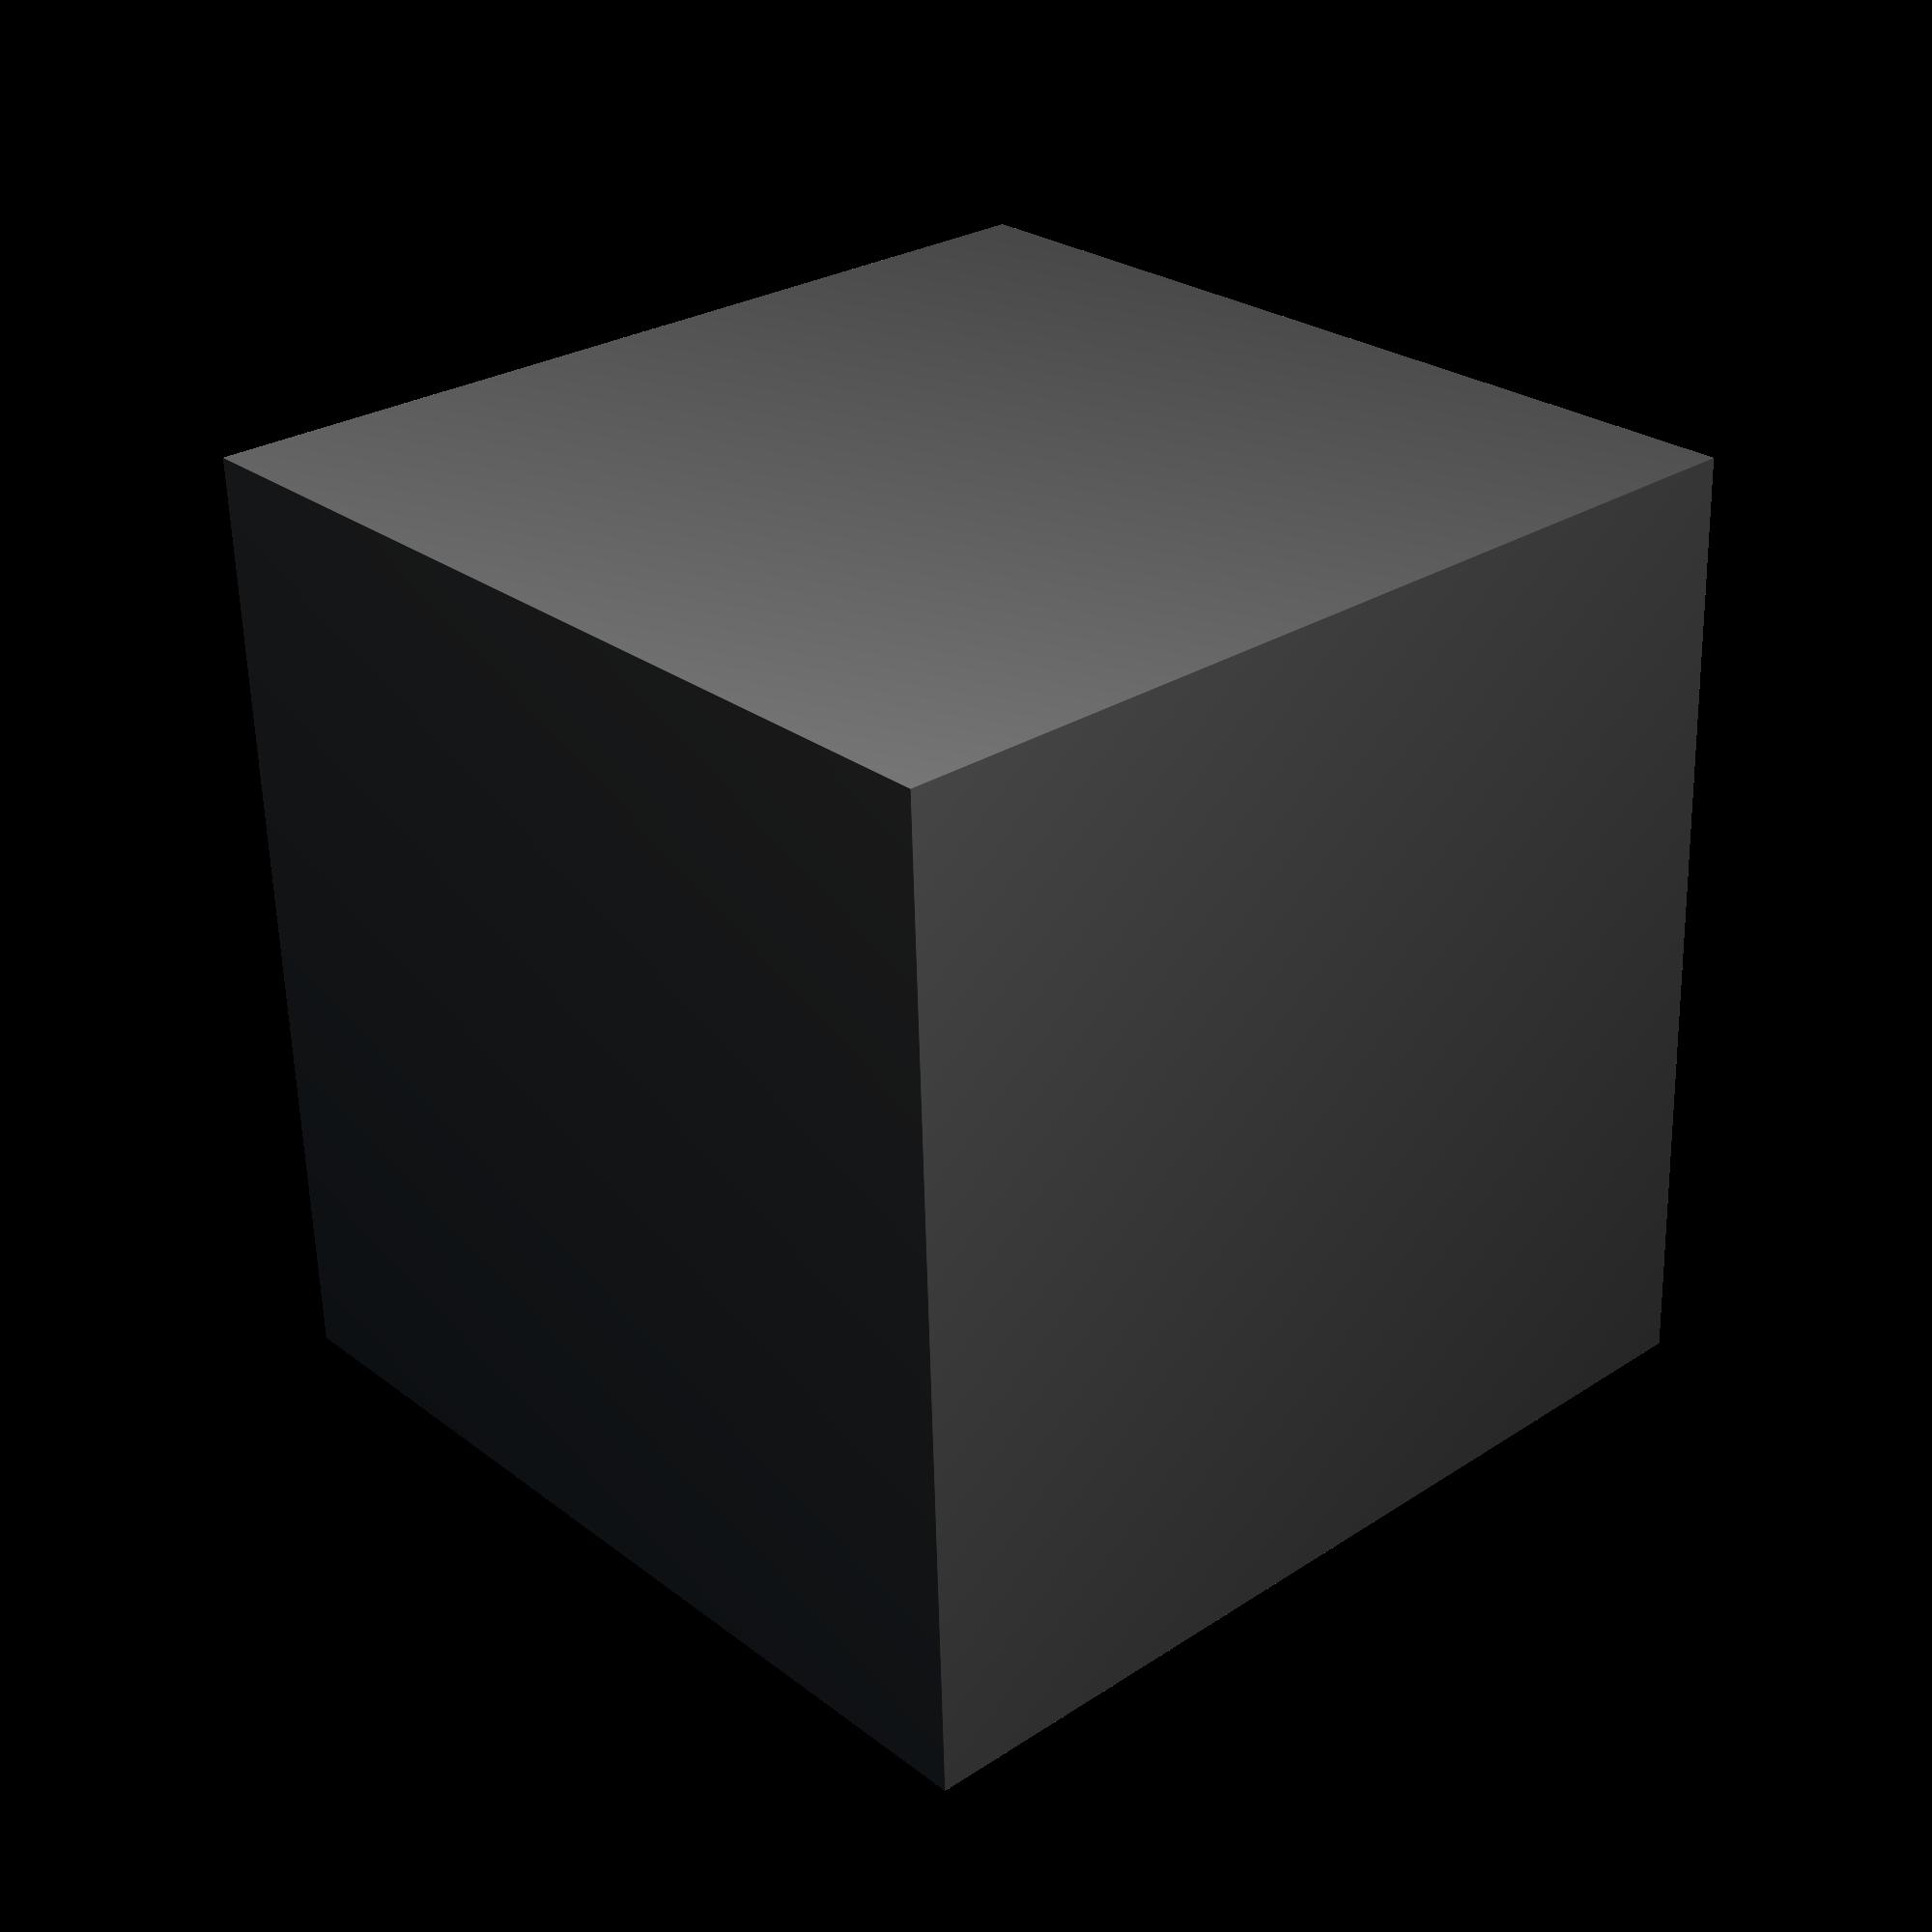 black and white cube transparent blender #92968005